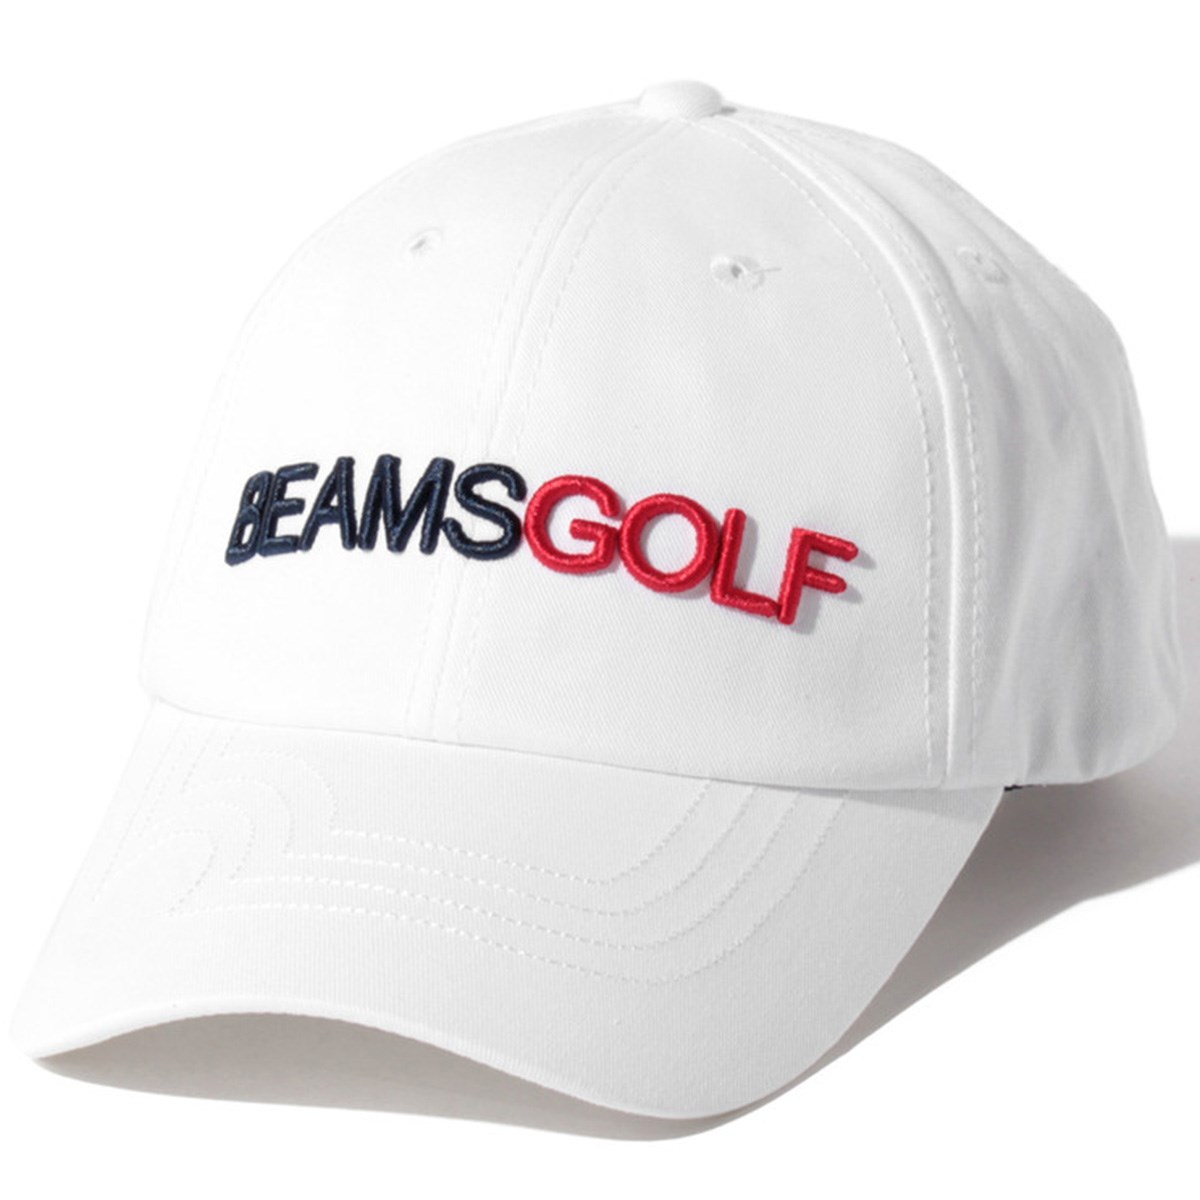 ビームスゴルフ BEAMS GOLF new スタンダード キャップ